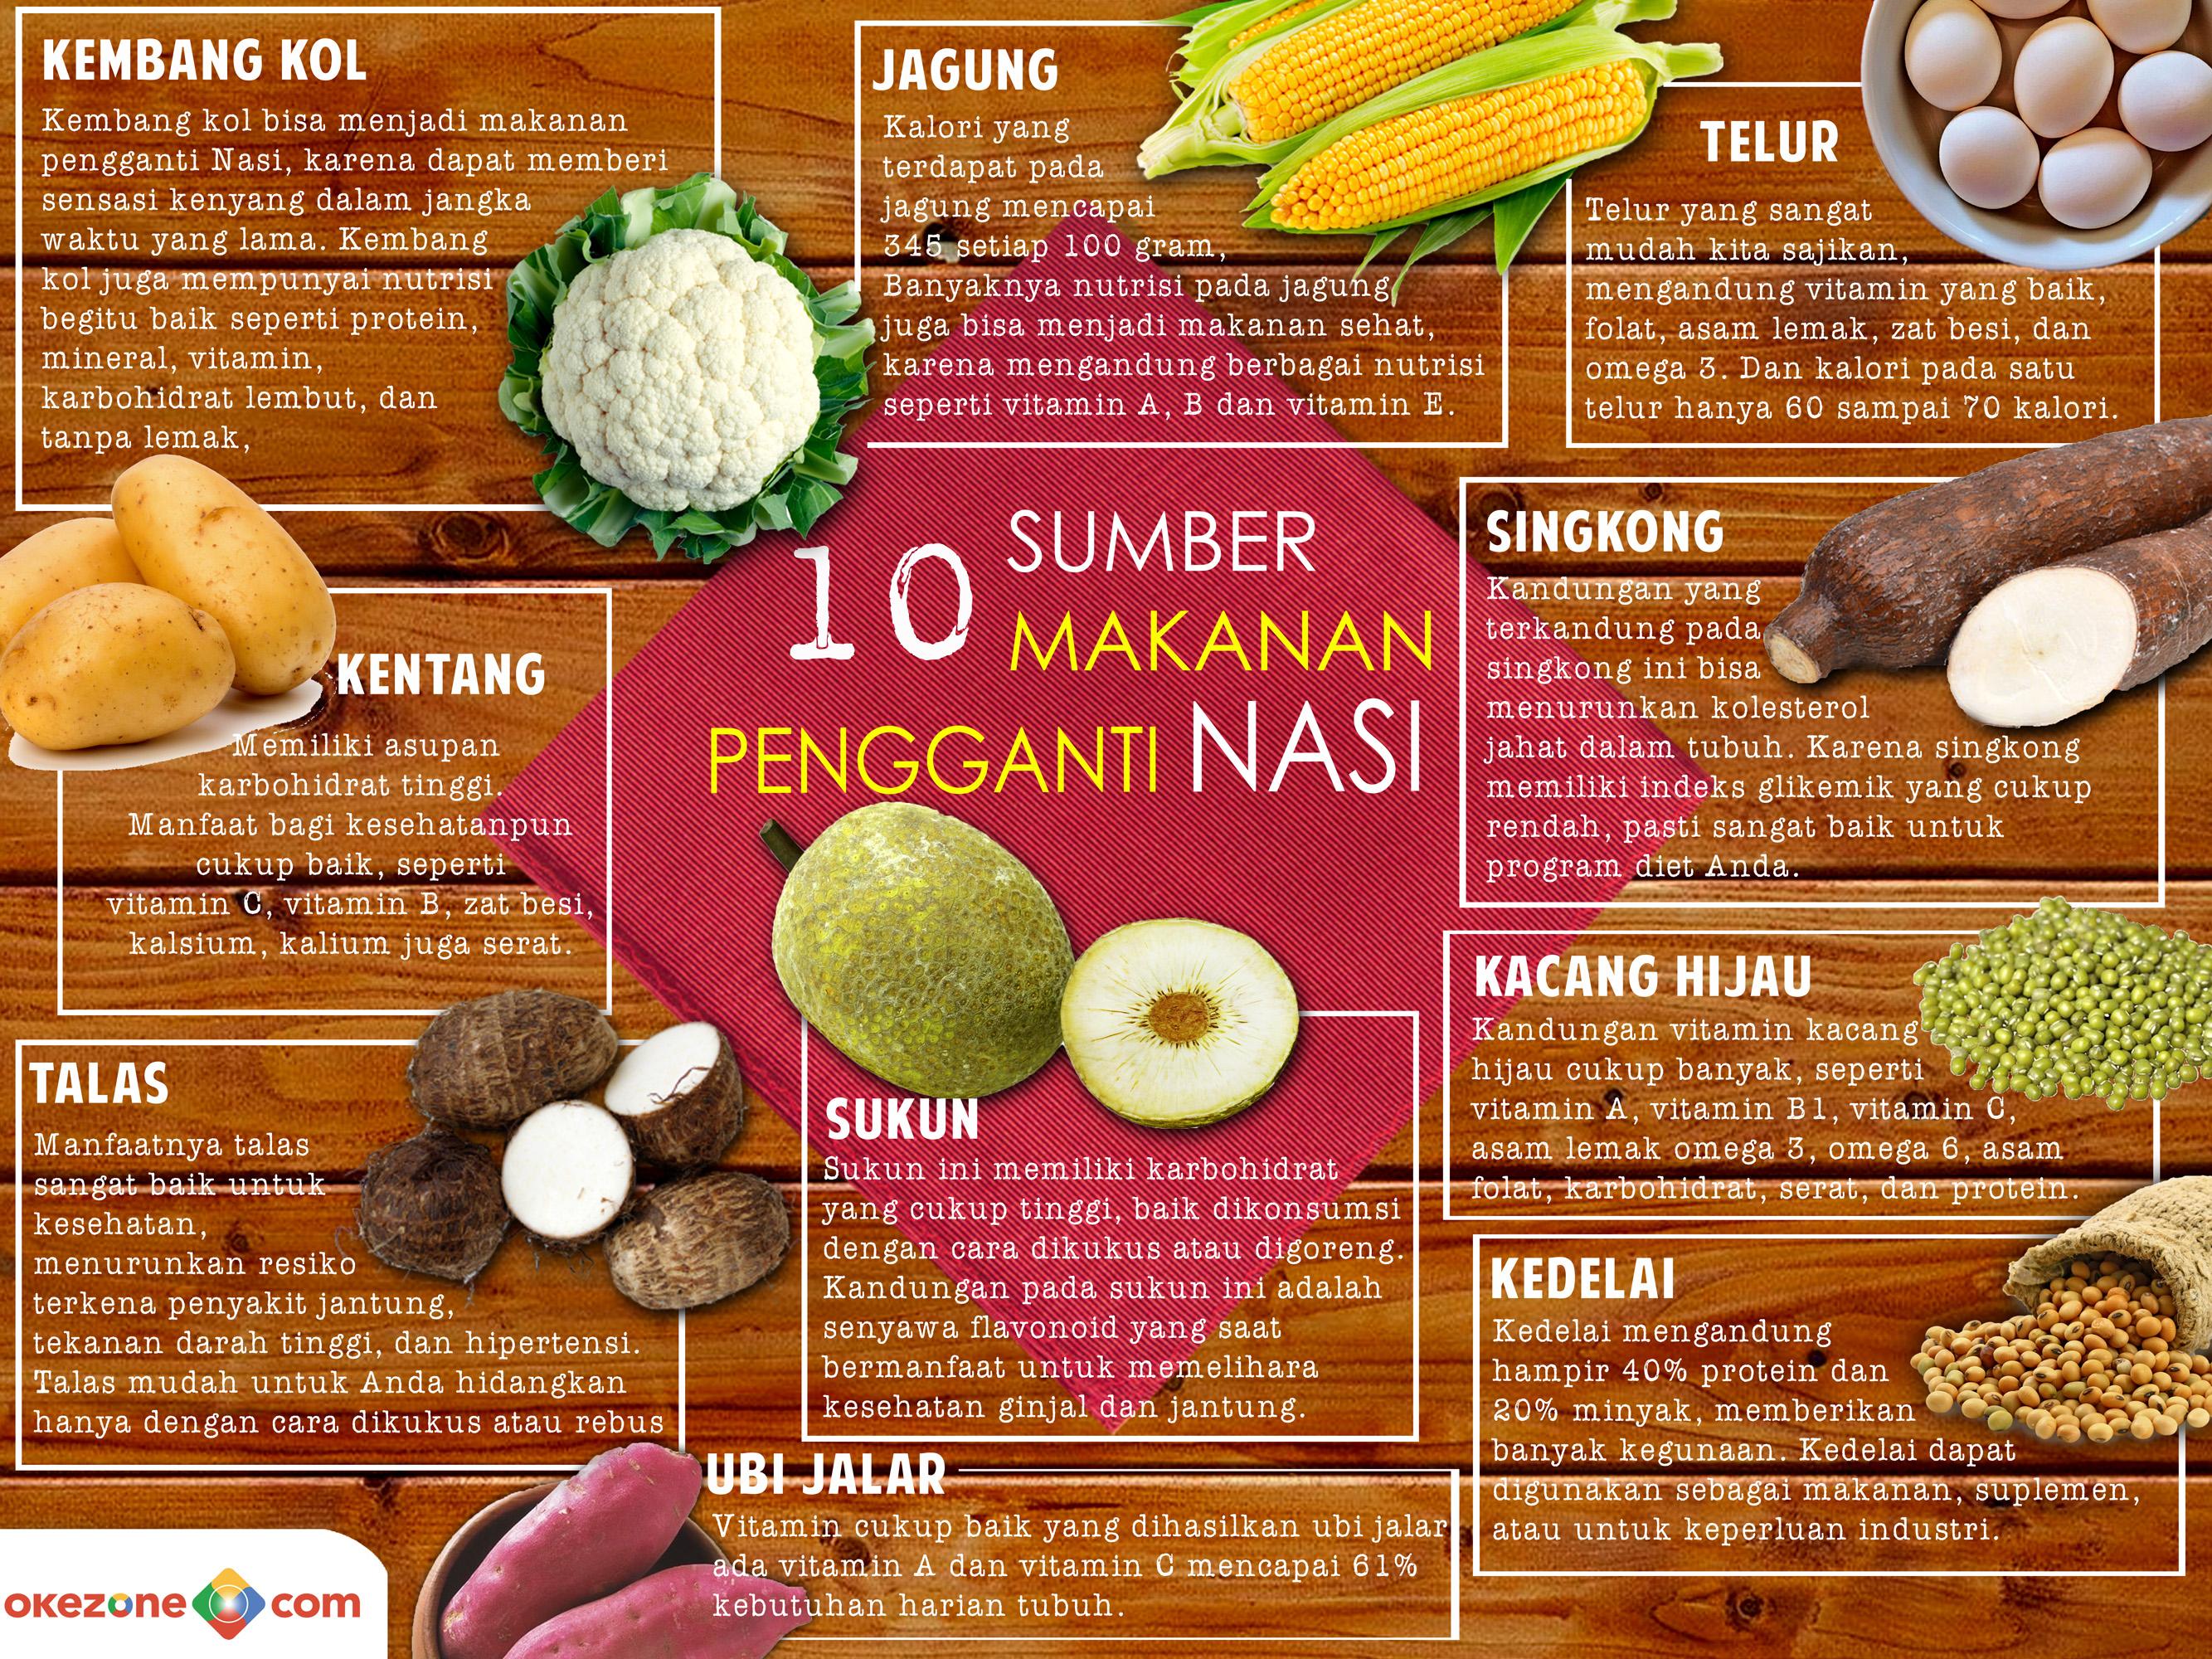 Sumber Makananan Pengganti Nasi -